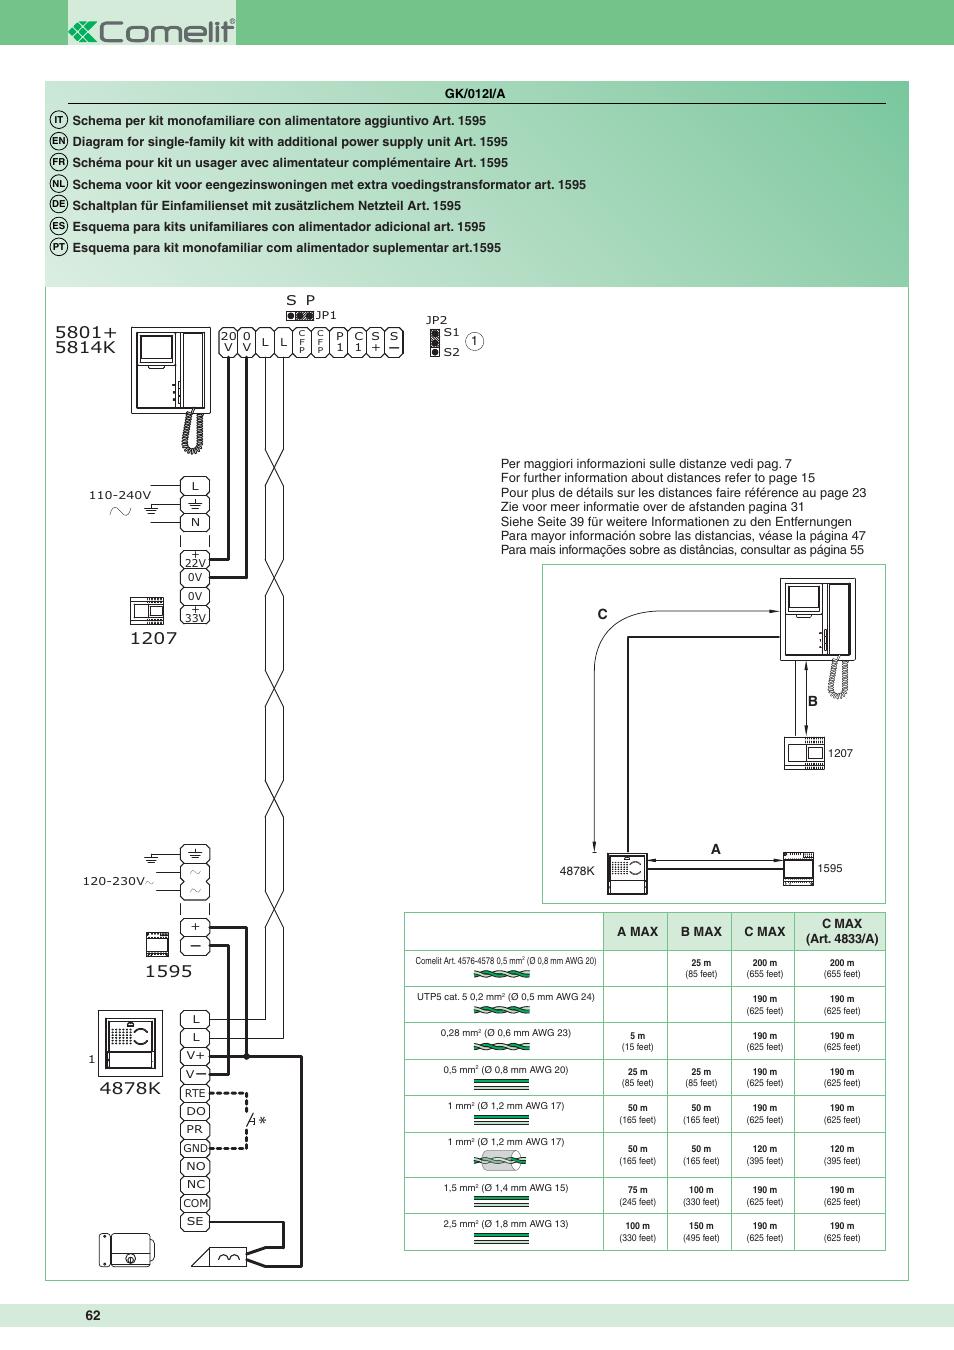 4878k Comelit MT 8171IGK User Manual Page 62 72